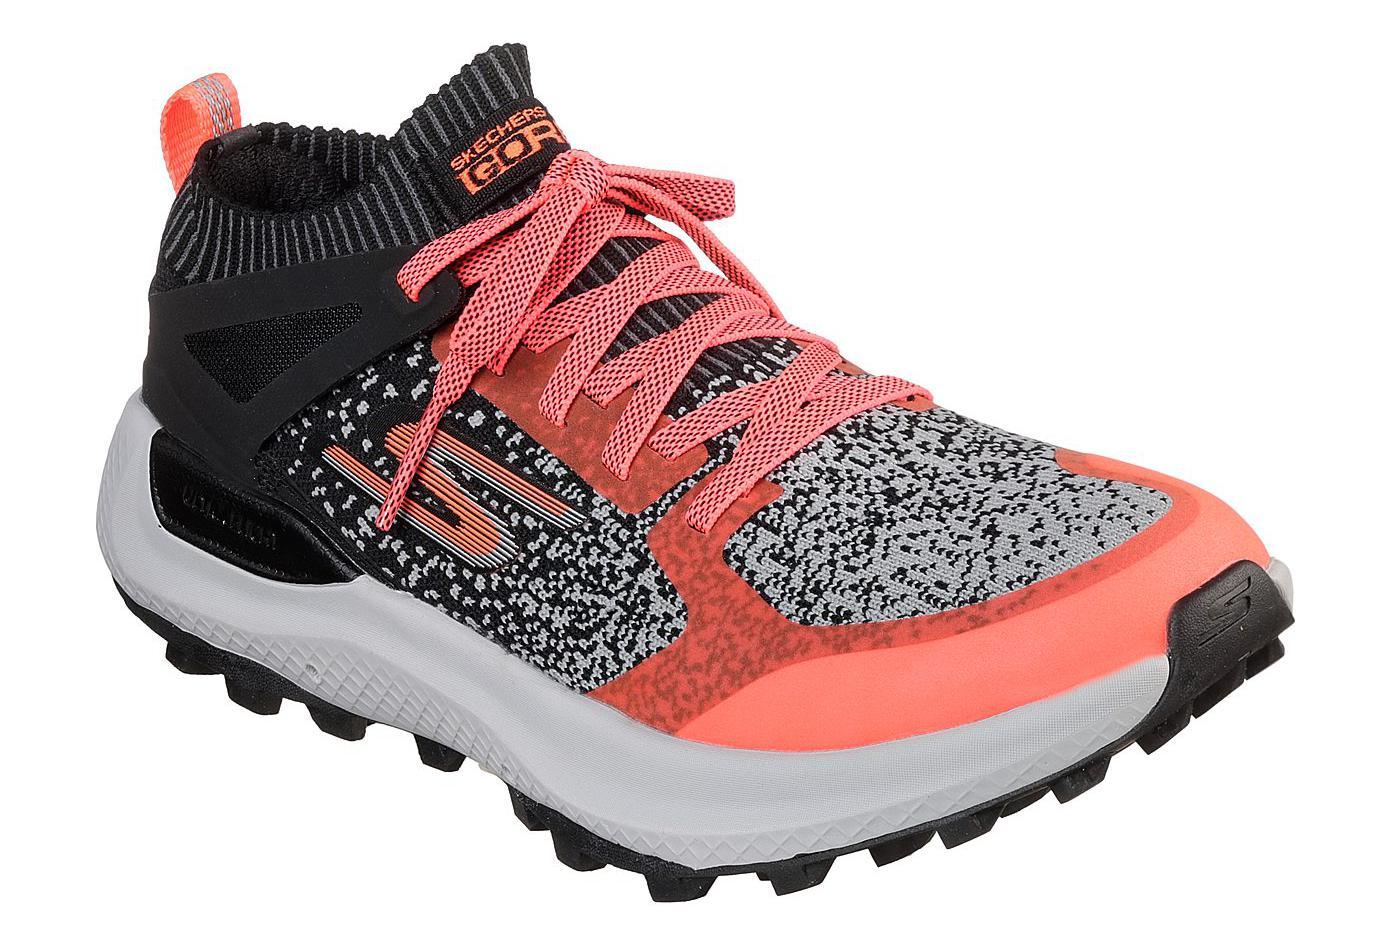 Skechers Go Run Max Trail 5 Ultra Pink